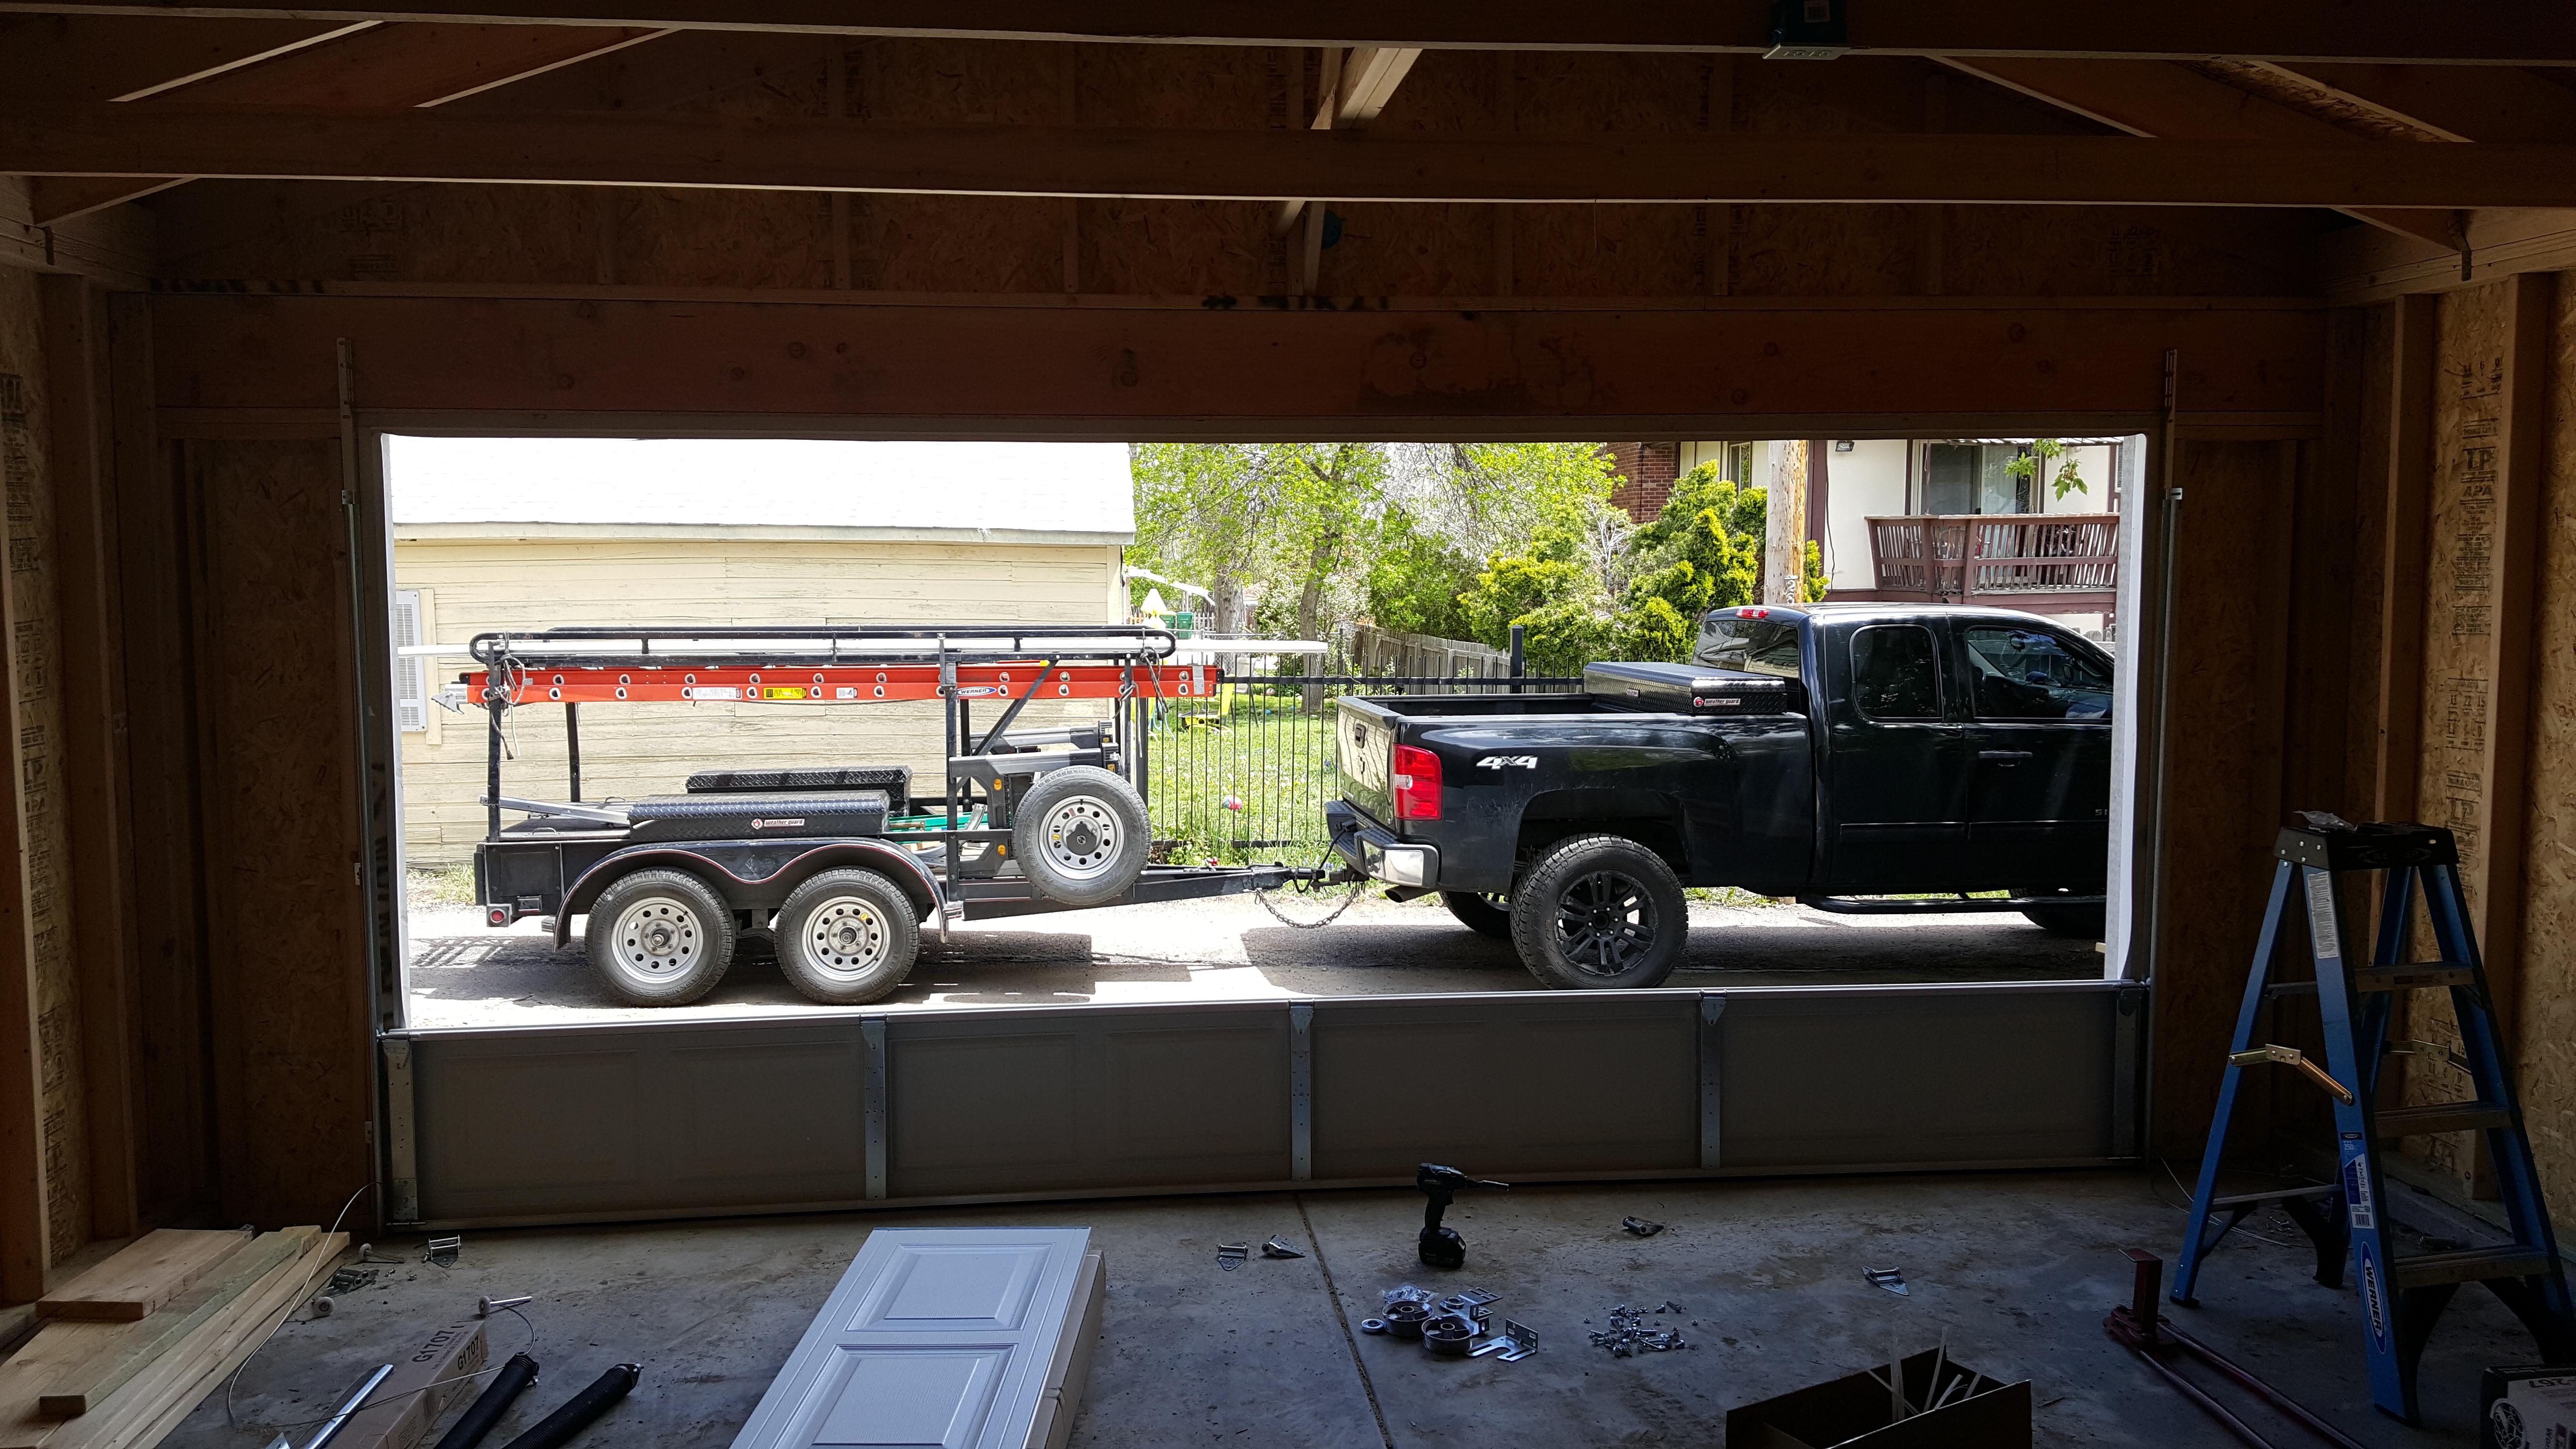 l doors door sons angelo window more and brighton garage repair